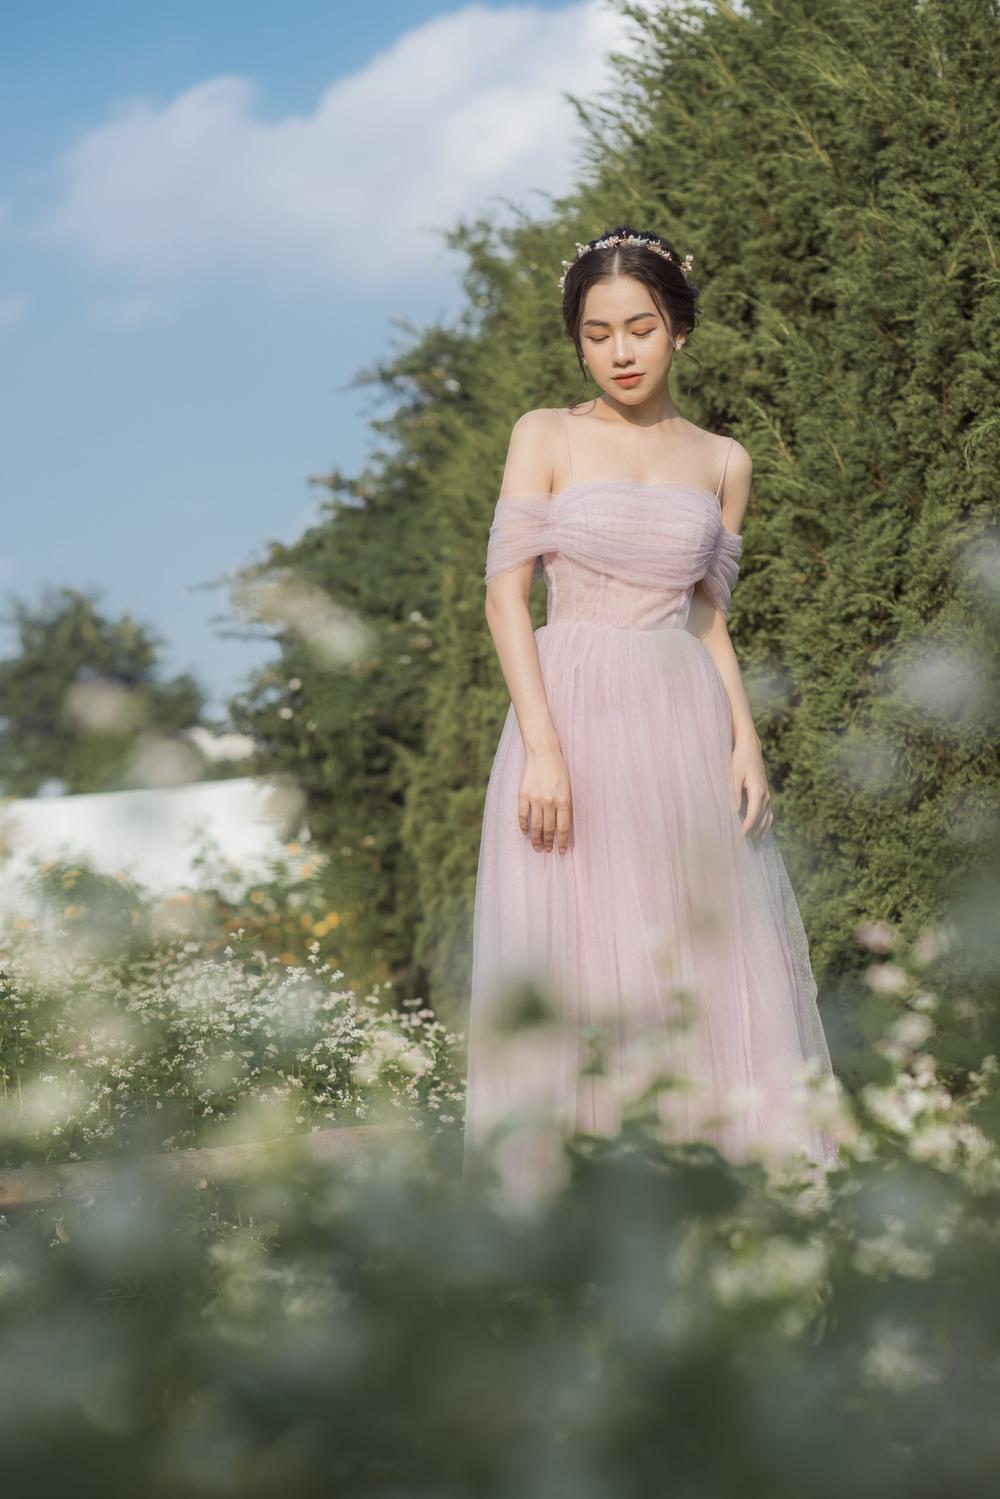 Nữ sinh ĐH Văn hóa nghệ thuật Quân đội với ngoại hình xinh đẹp, chia sẻ niềm đam mê đặc biệt với âm nhạc Ảnh 3